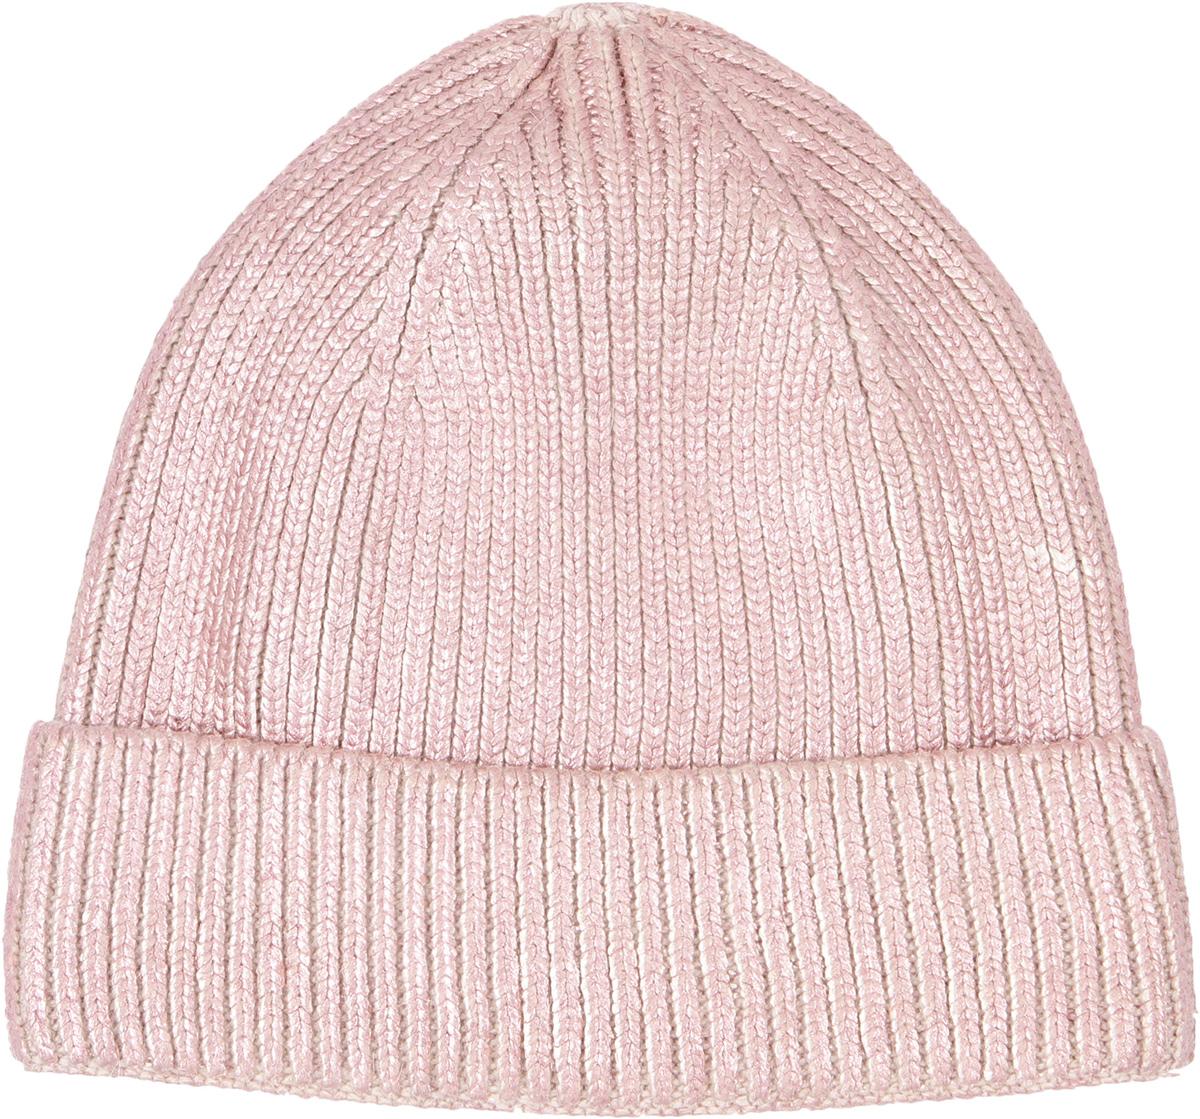 Шапка женская Модные истории, цвет: розовый. 4/0066/117. Размер универсальный шапка женская bradex цвет розовый as 0298 размер универсальный